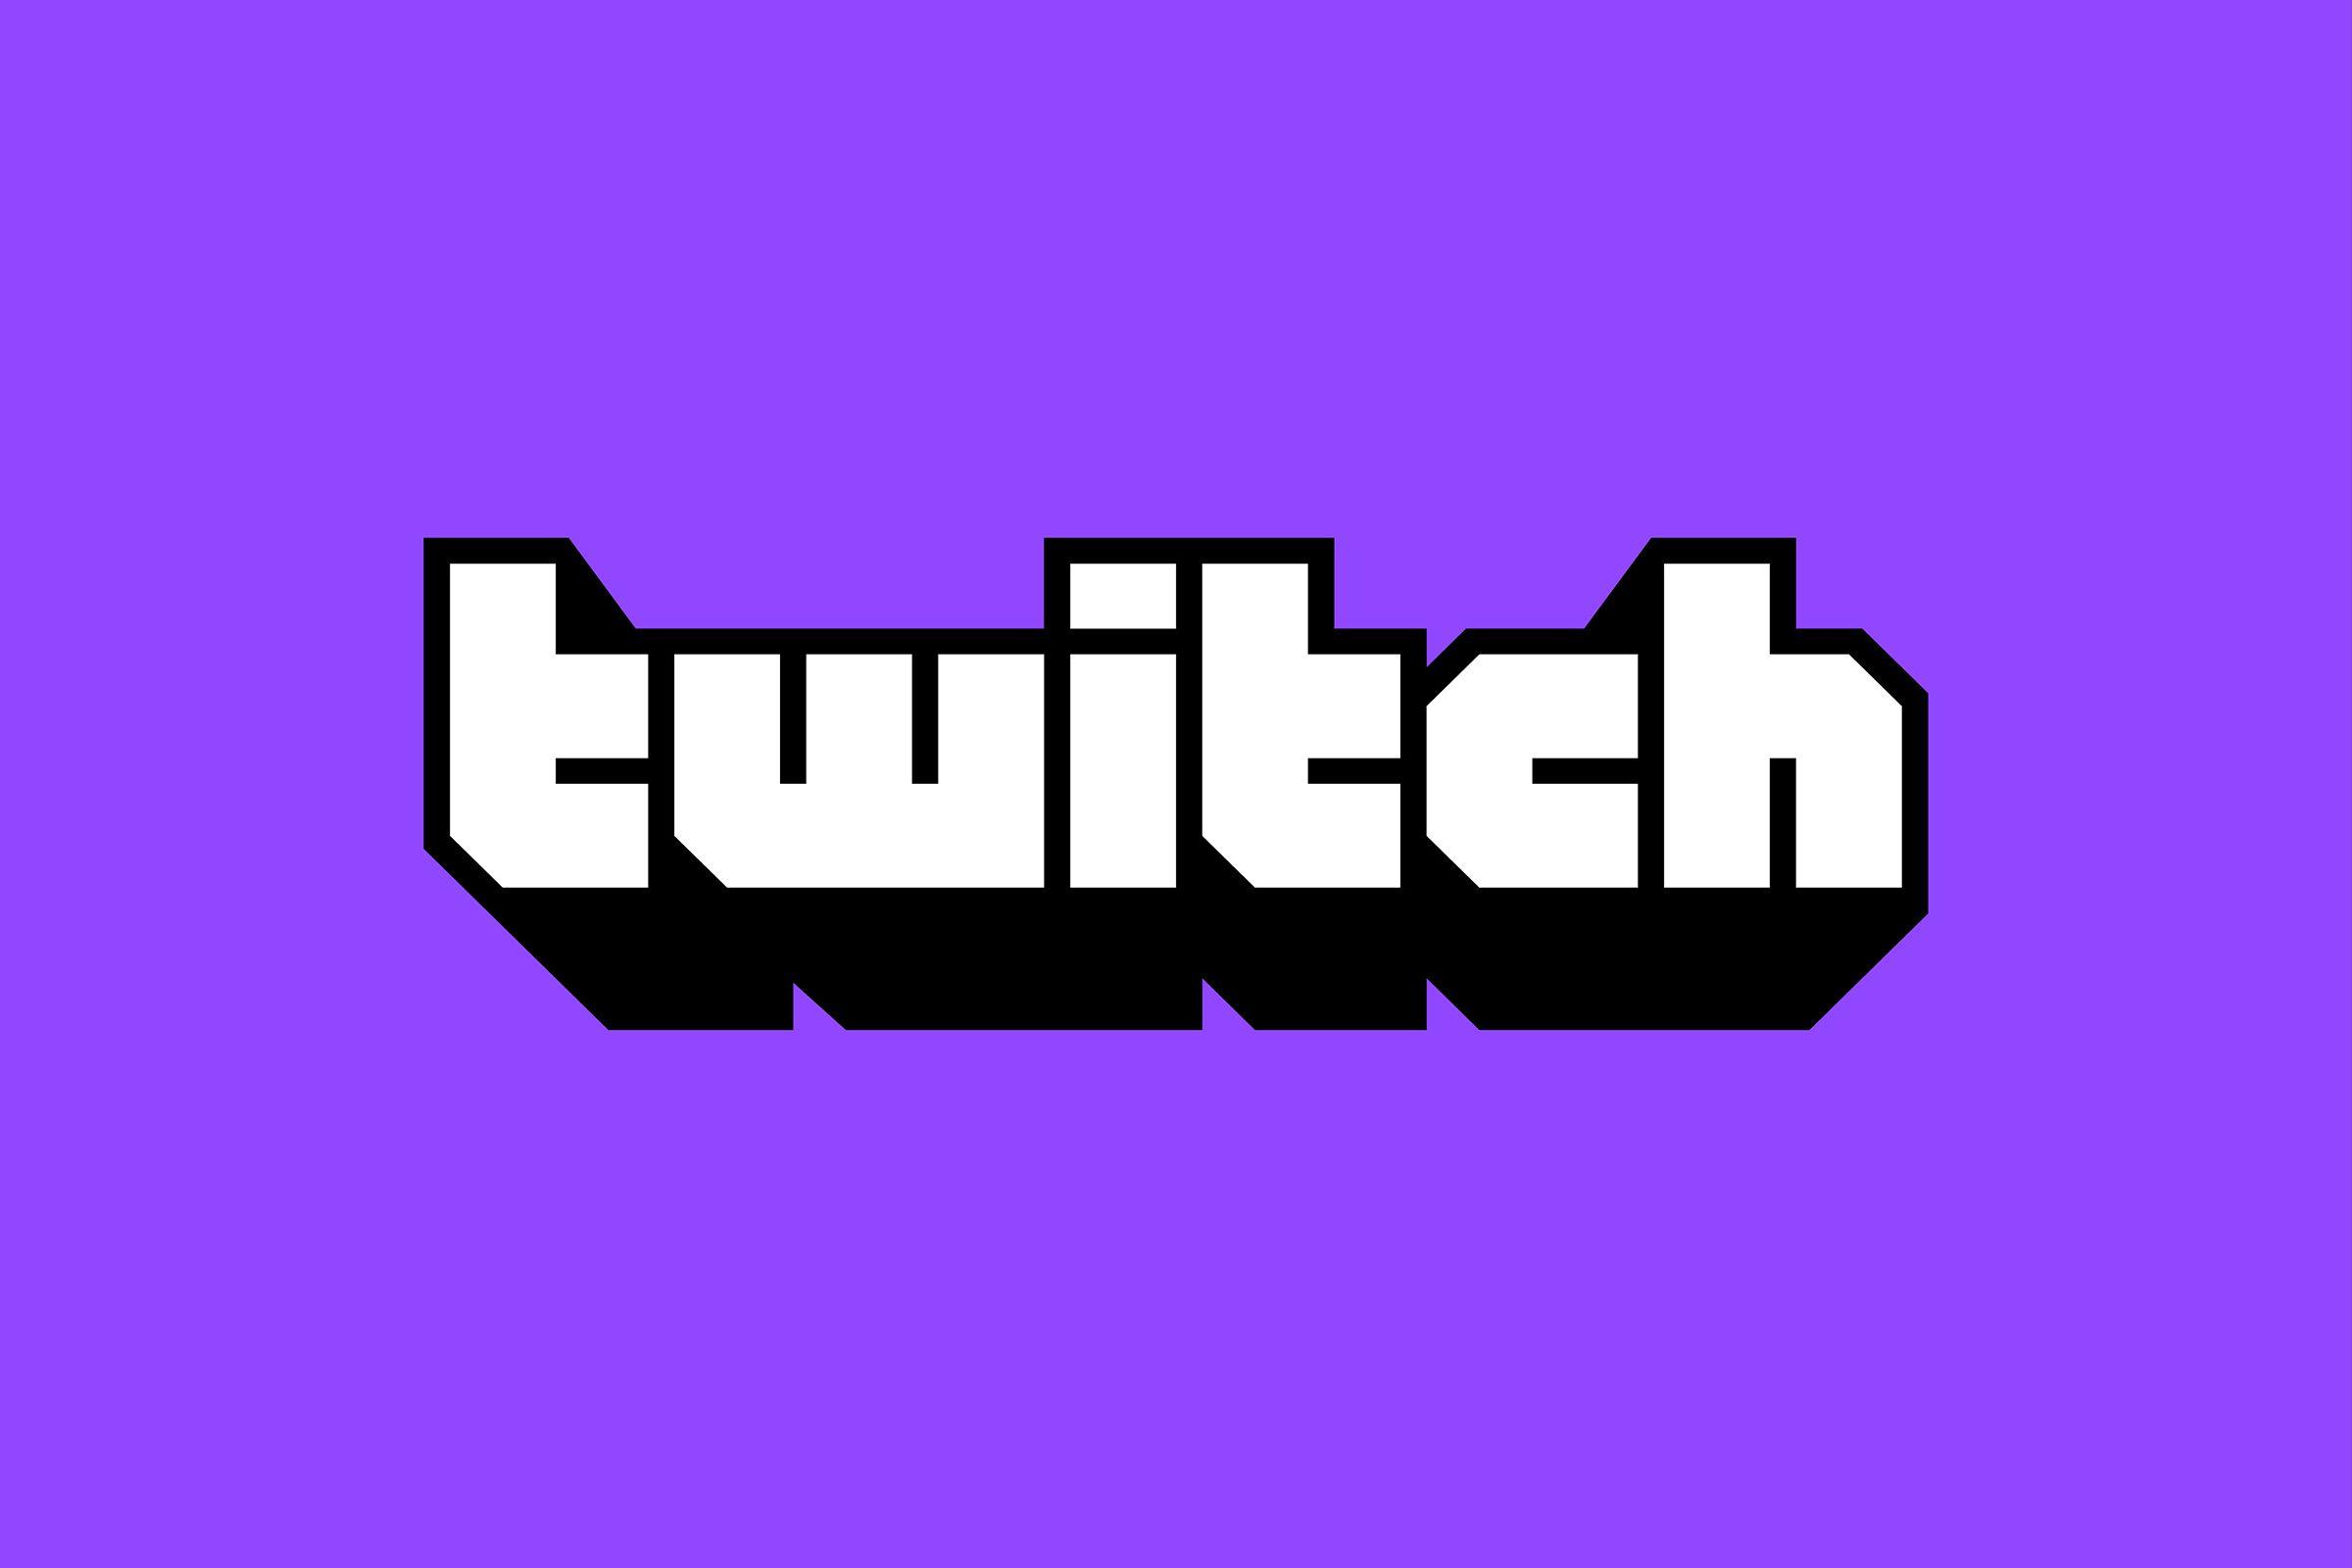 Le nouveau logo de la plateforme de streaming Twitch